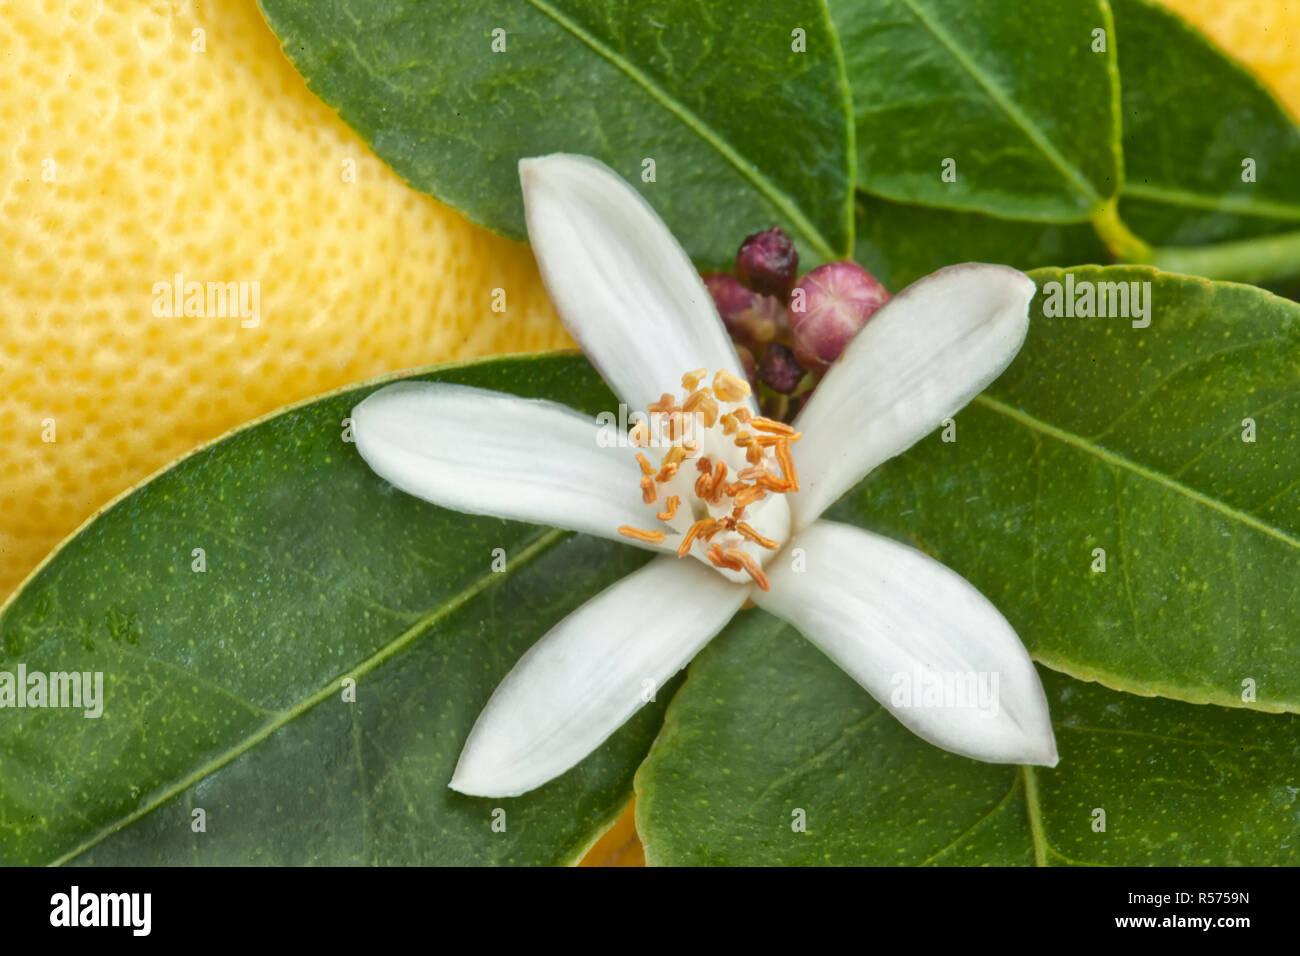 Lemon Blossom, flower buds, green foliage on branch 'Citrus limon',  lemon in background. - Stock Image